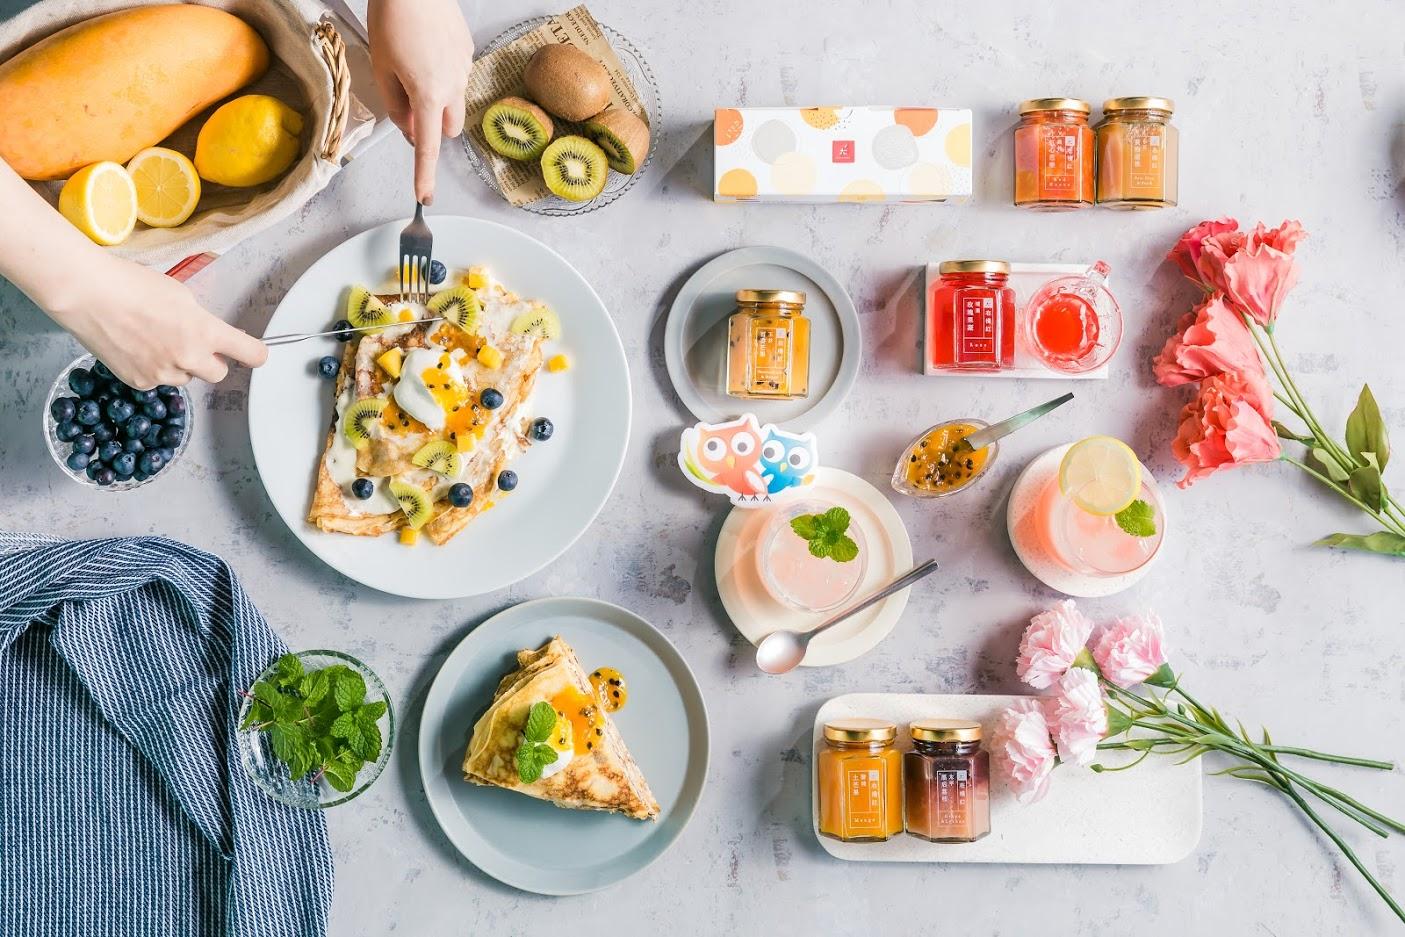 【新聞稿】奧丁丁市集攜手在欉紅當家主廚 分享母親節創意料理食譜